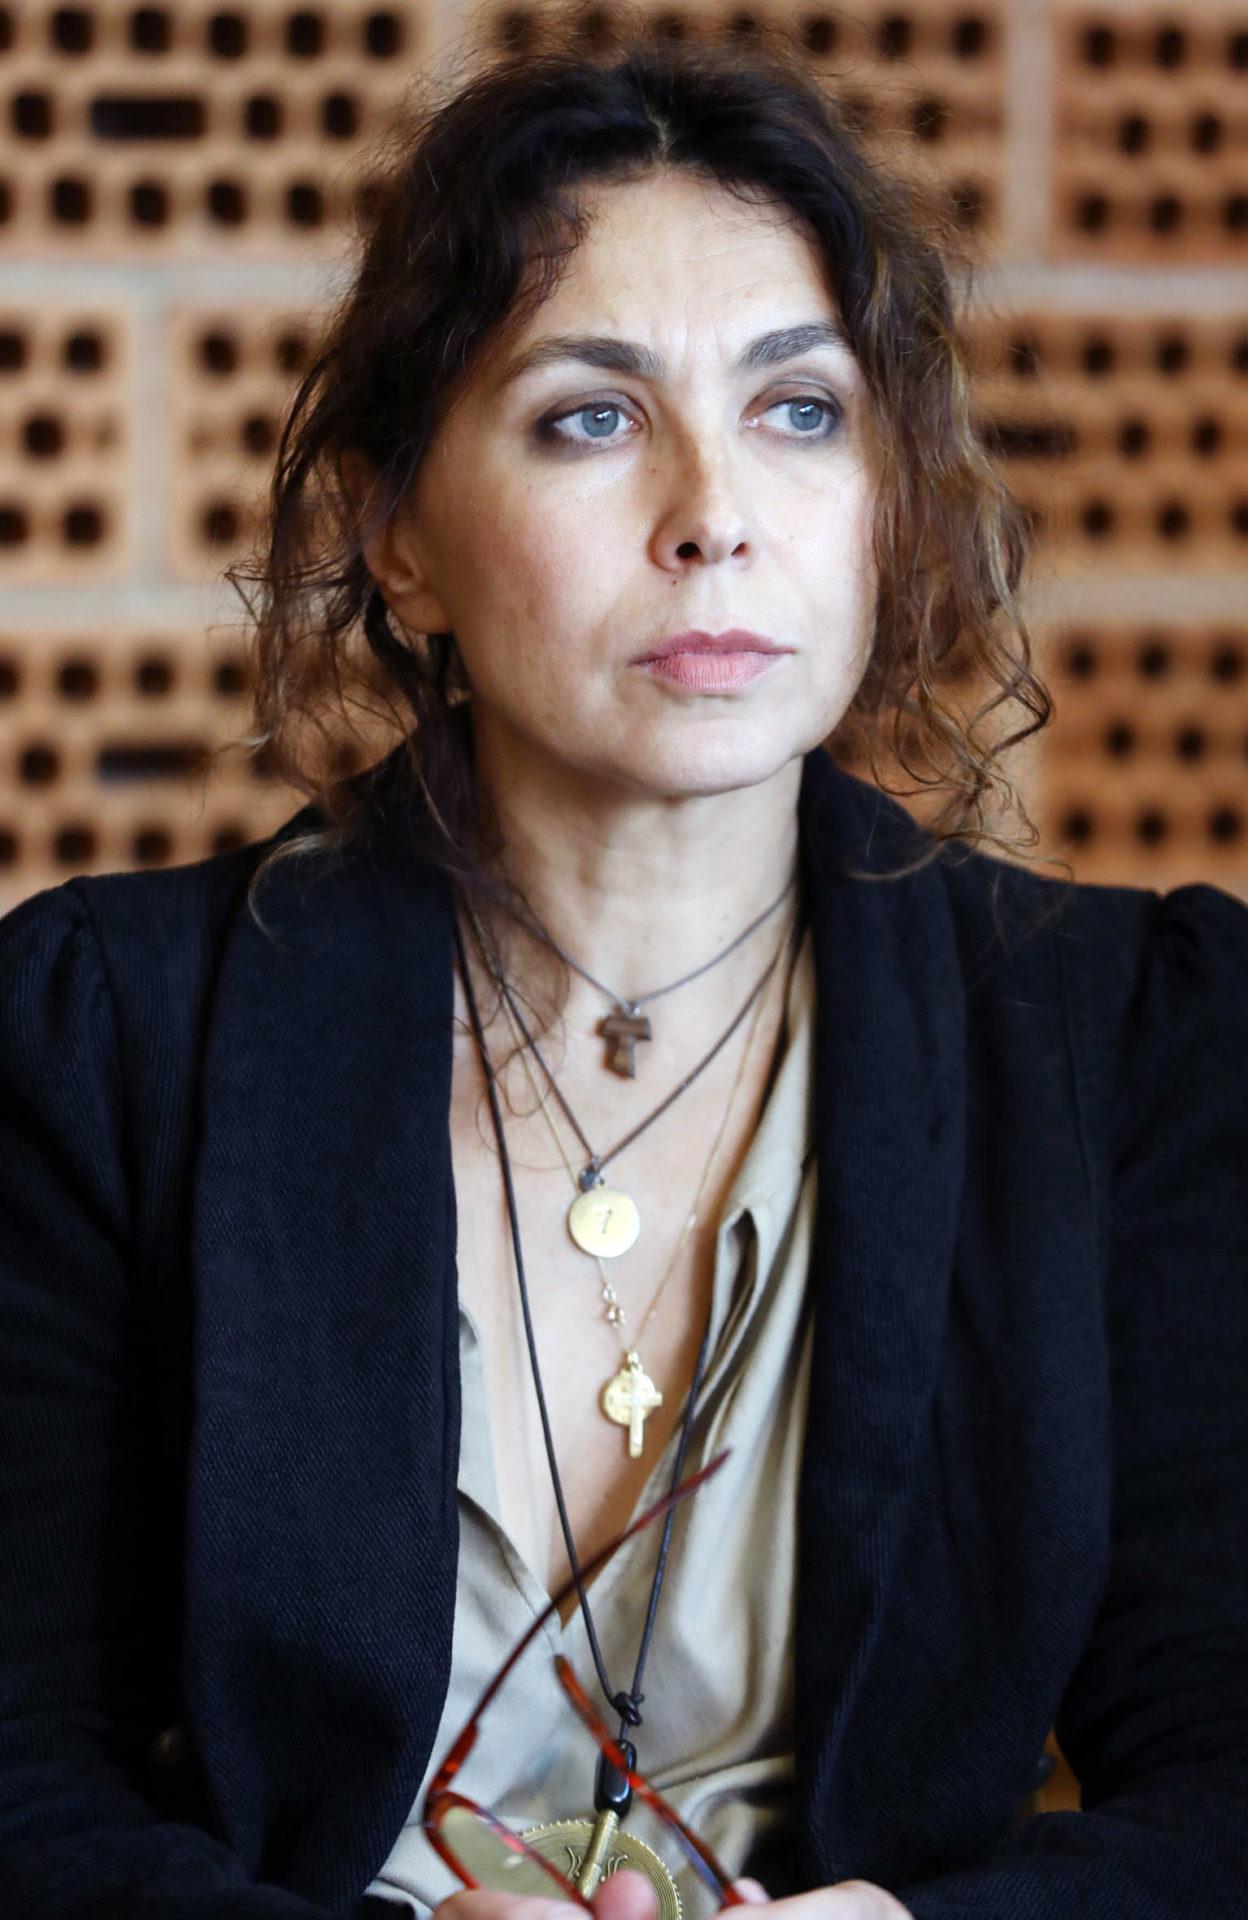 Nina Nasilli a Poesia Festival '17 - photo © S.Campanini